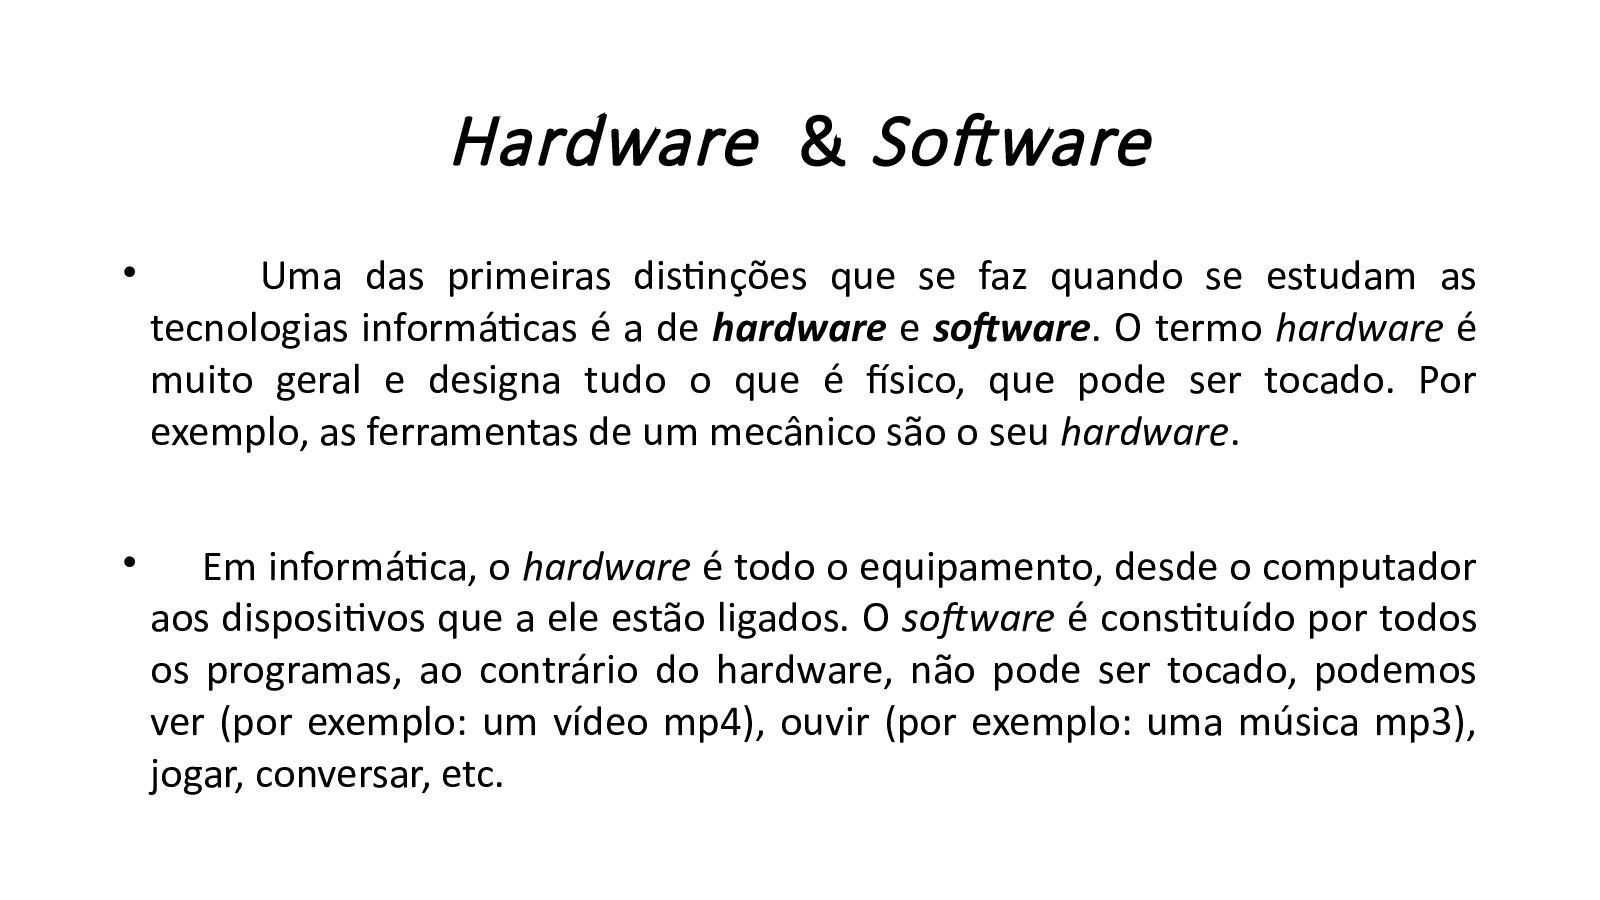 Calaméo - Hardware & Software